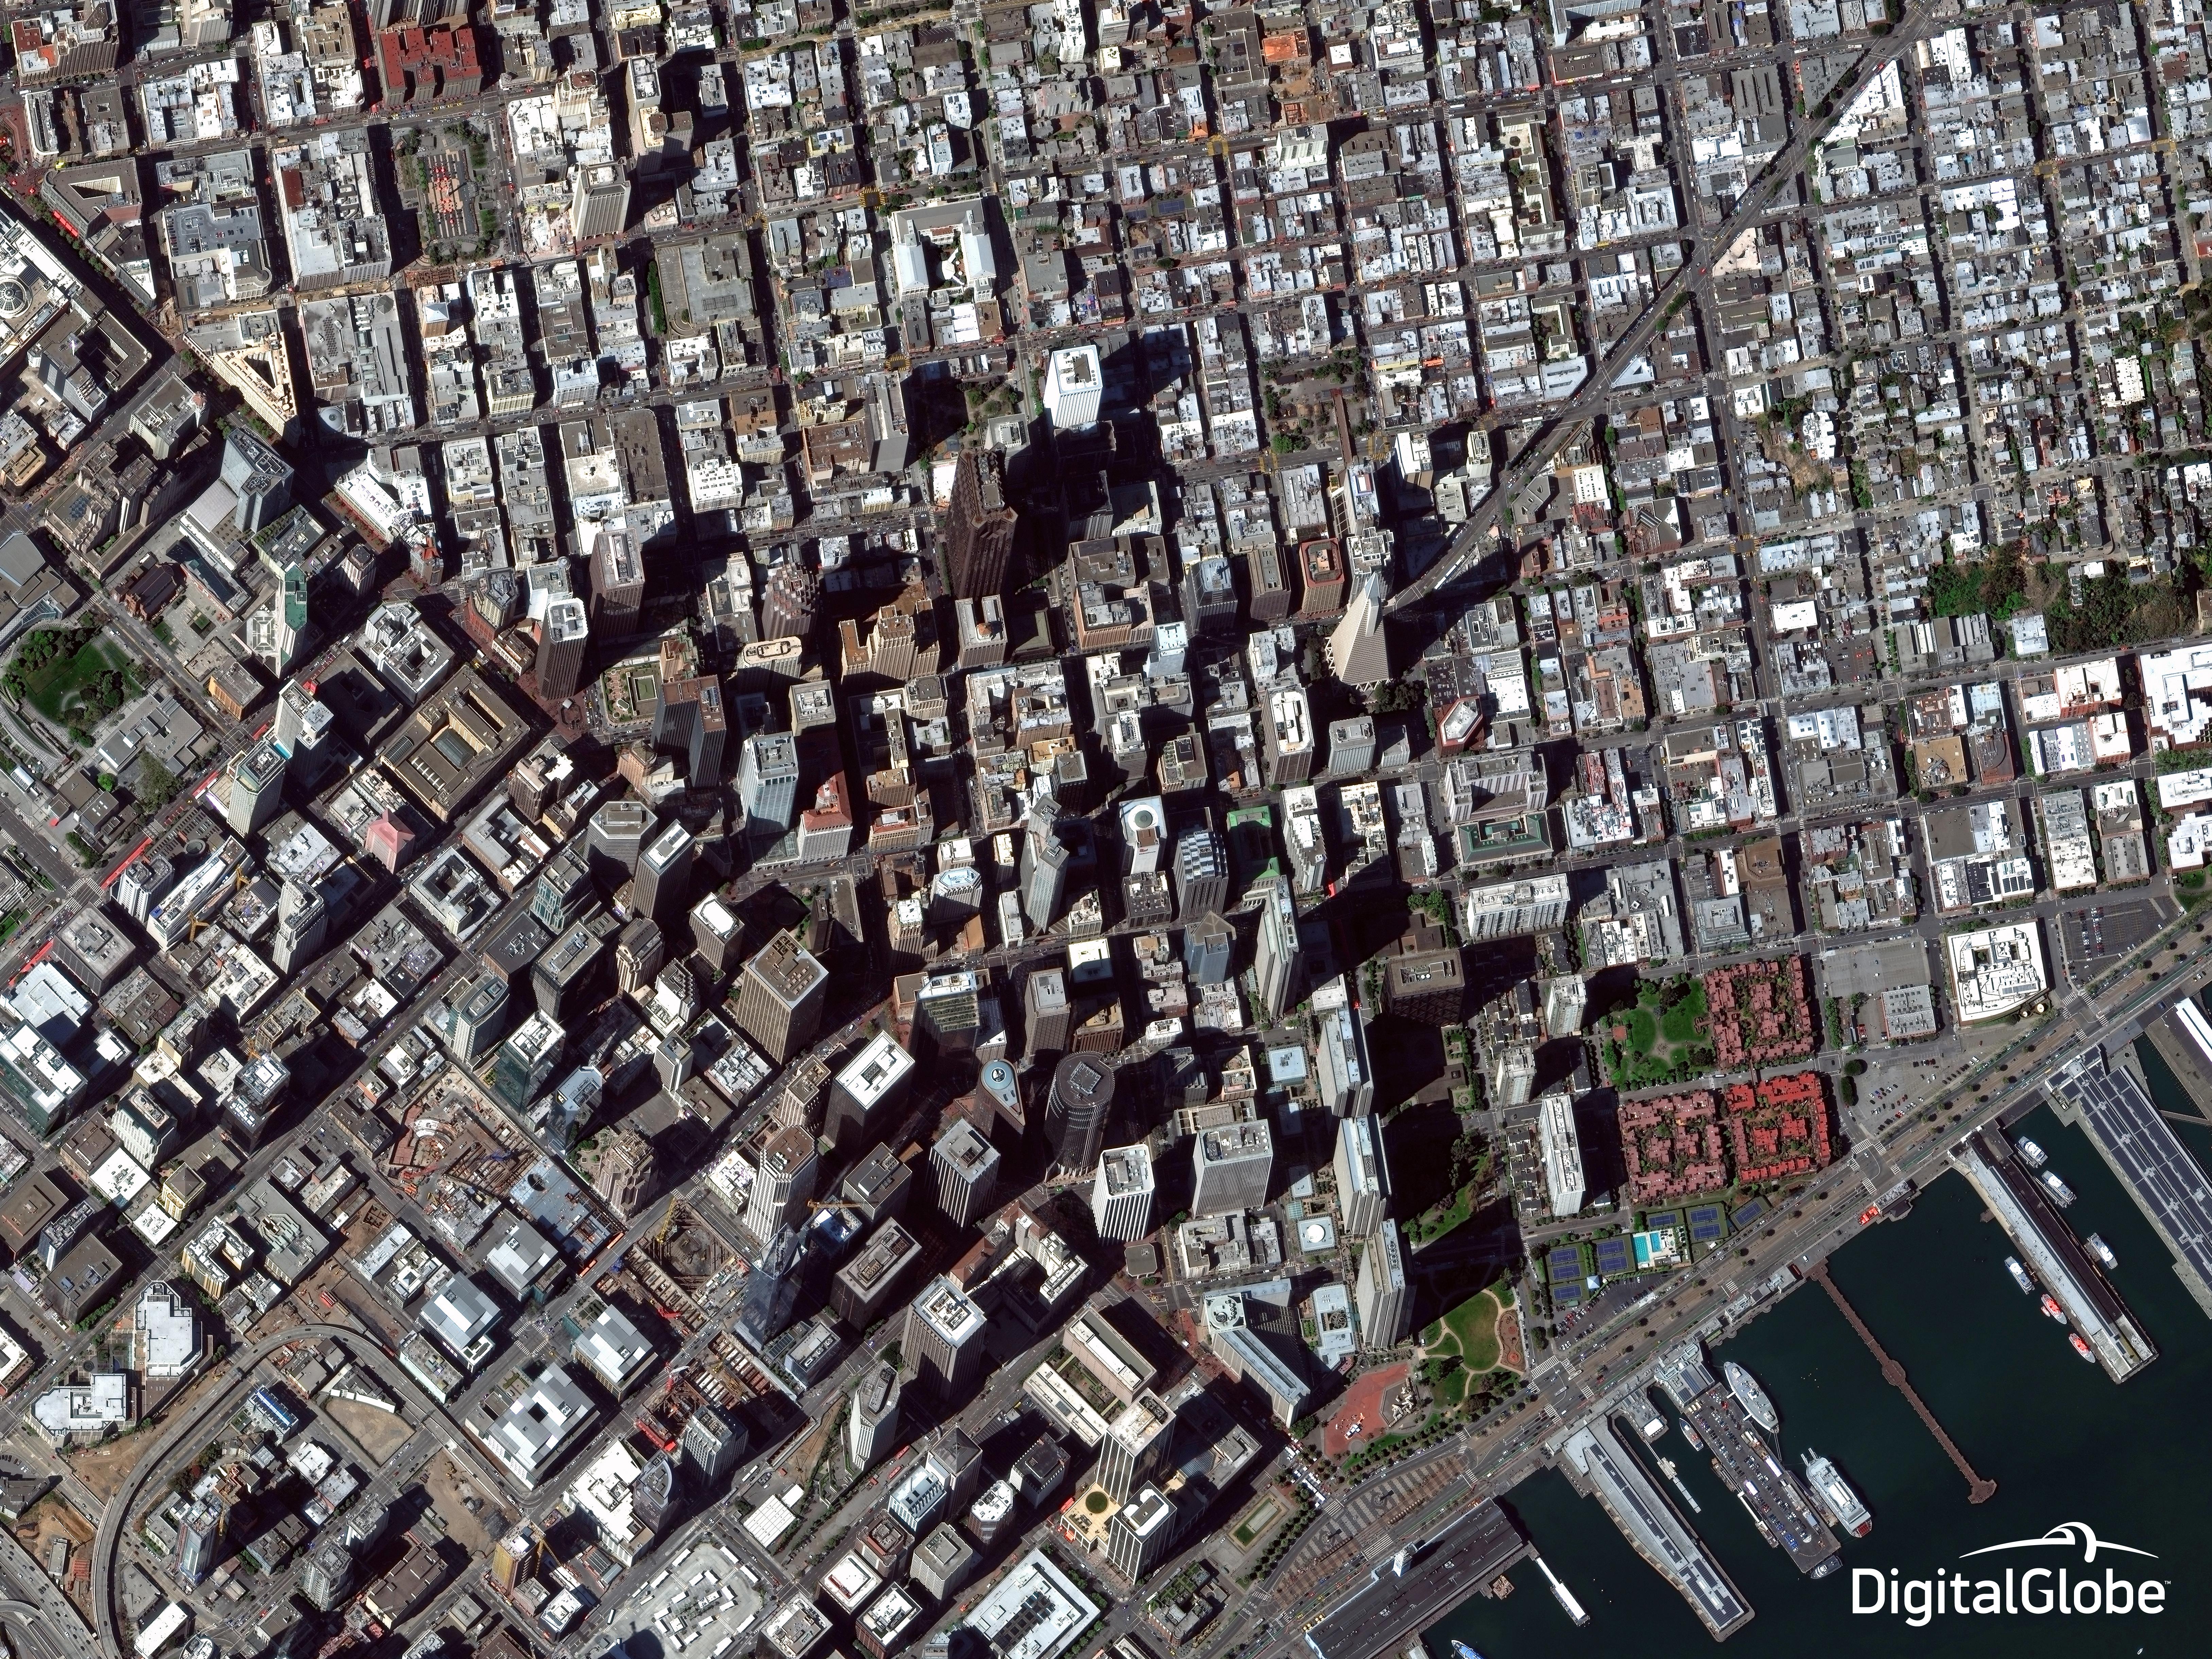 Downtown_San_Fran_WV3_29MAR2015